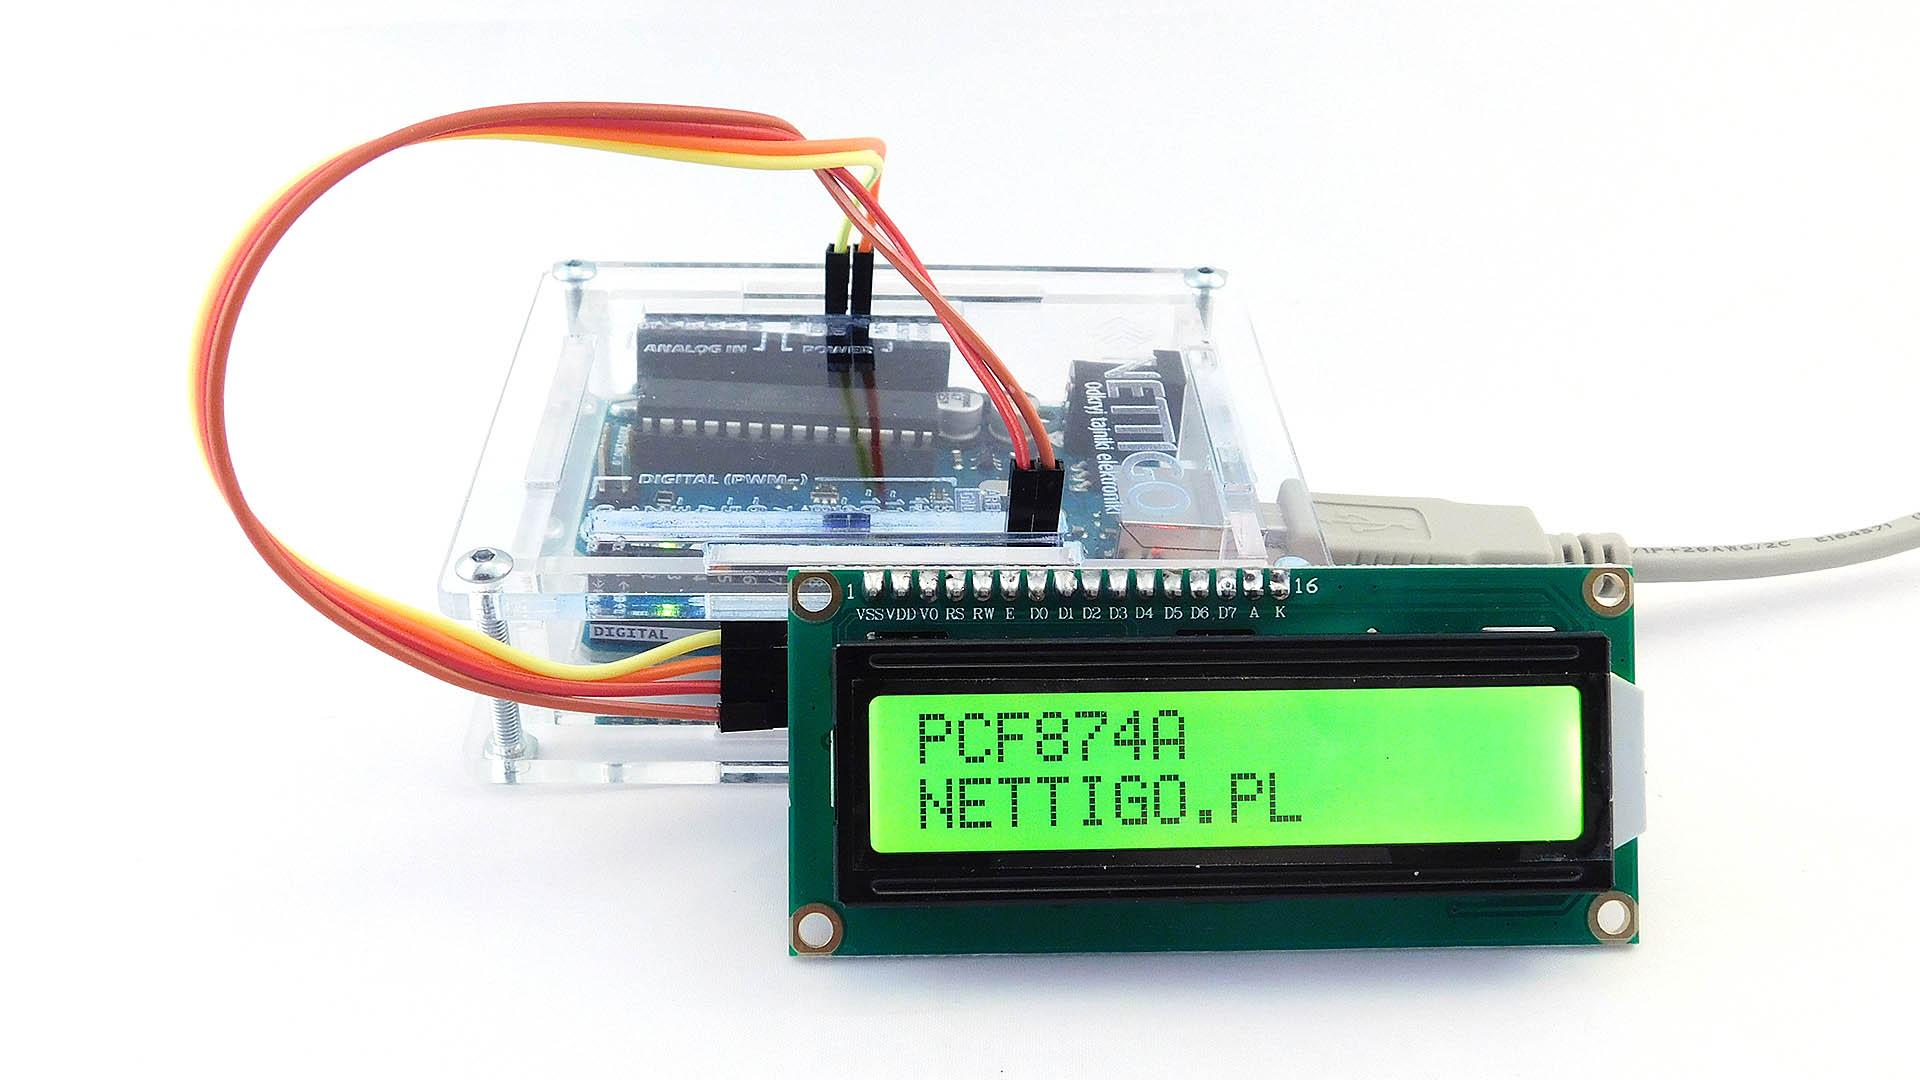 Nettigo: LCD 2x16 I2C green